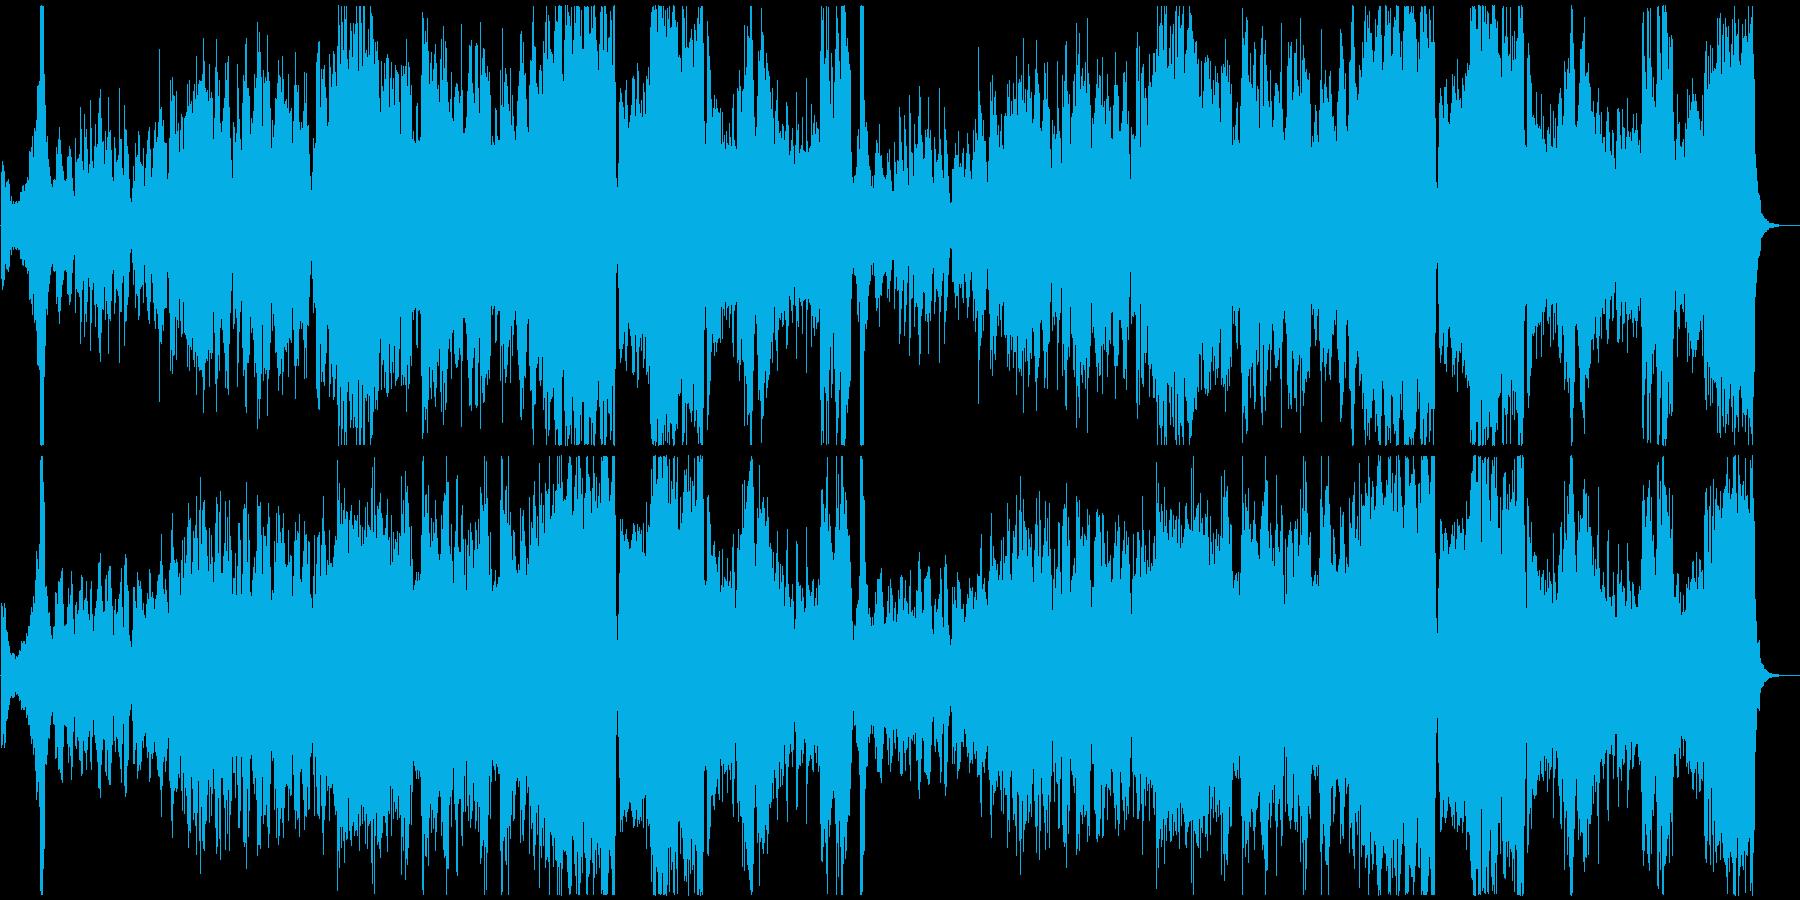 戦場に赴く兵士を讃えるオーケストラ曲の再生済みの波形